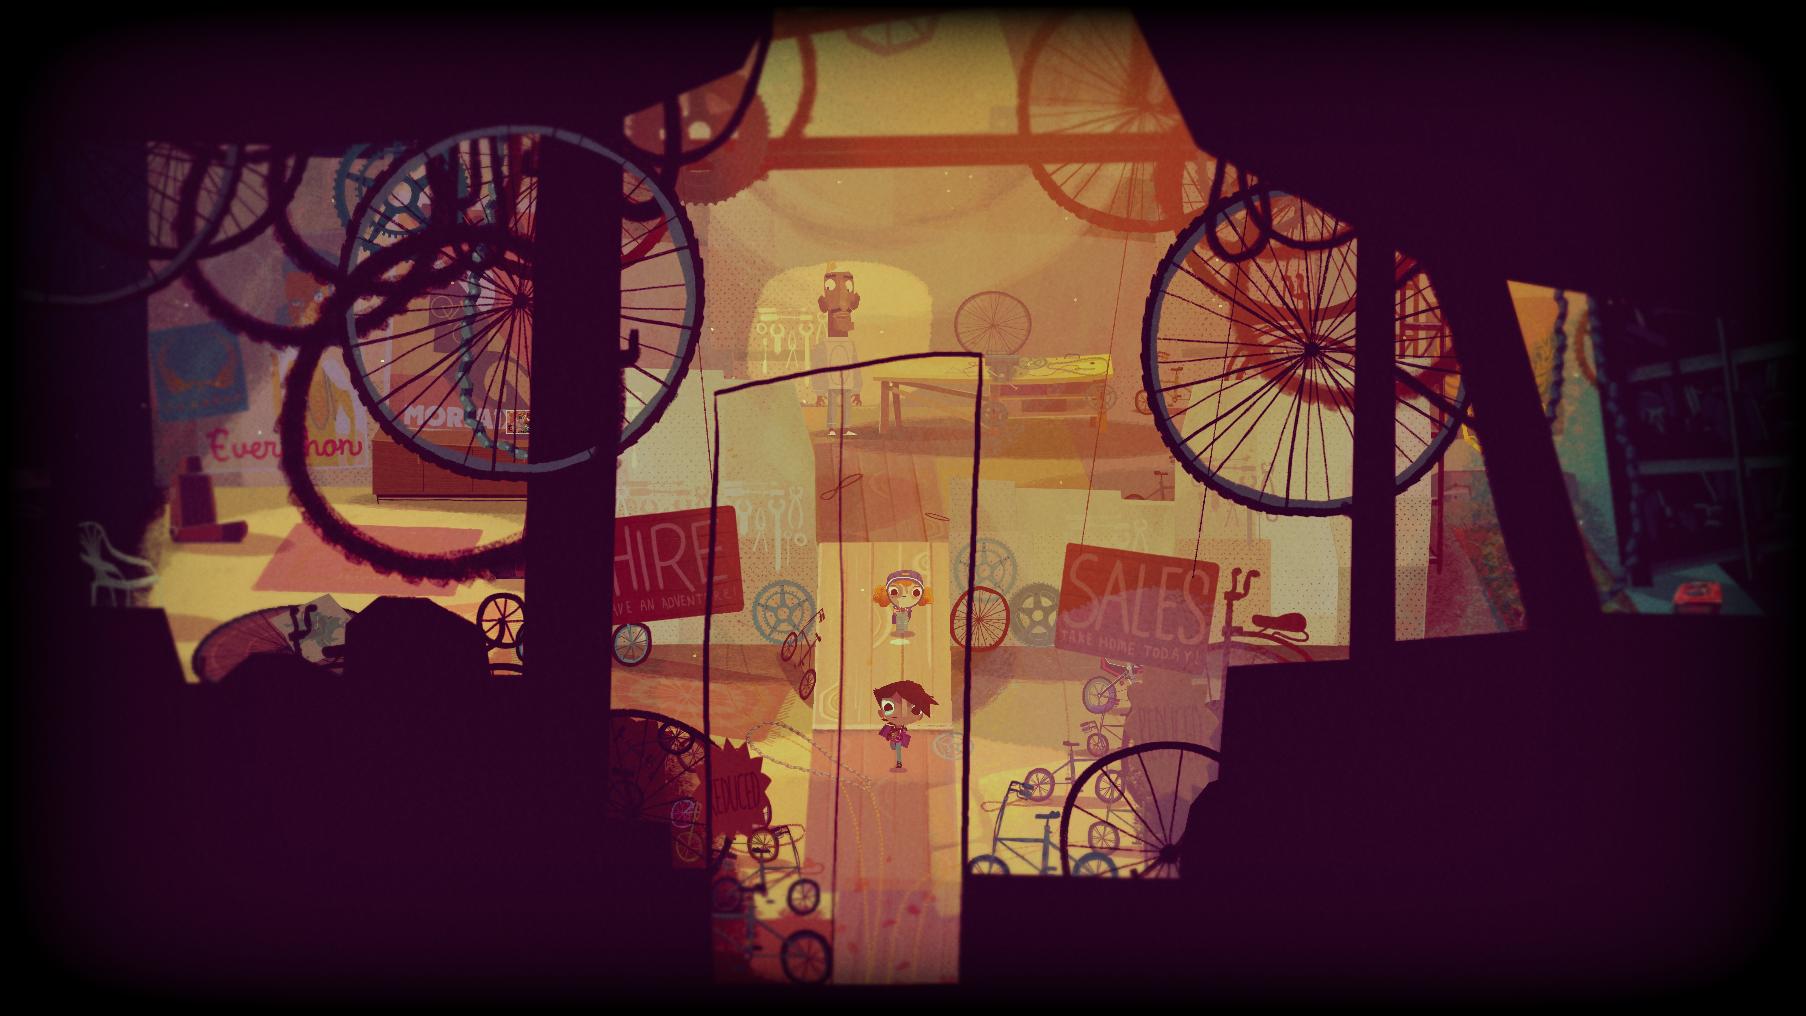 3_KnightsAndBikes_BikeShop.png